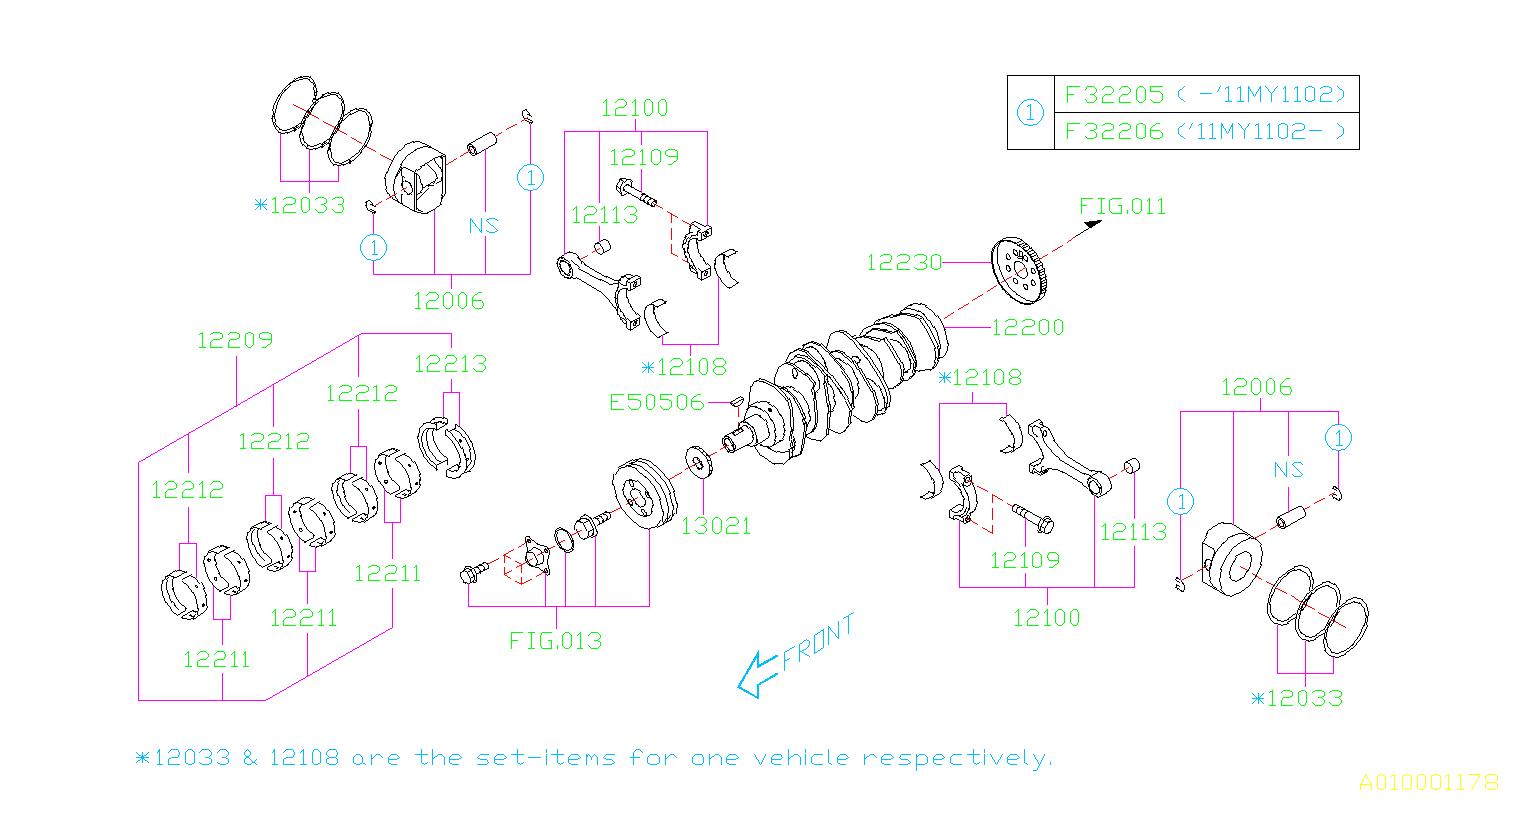 12108ab100 bearing set connecting rod crankshaft. Black Bedroom Furniture Sets. Home Design Ideas